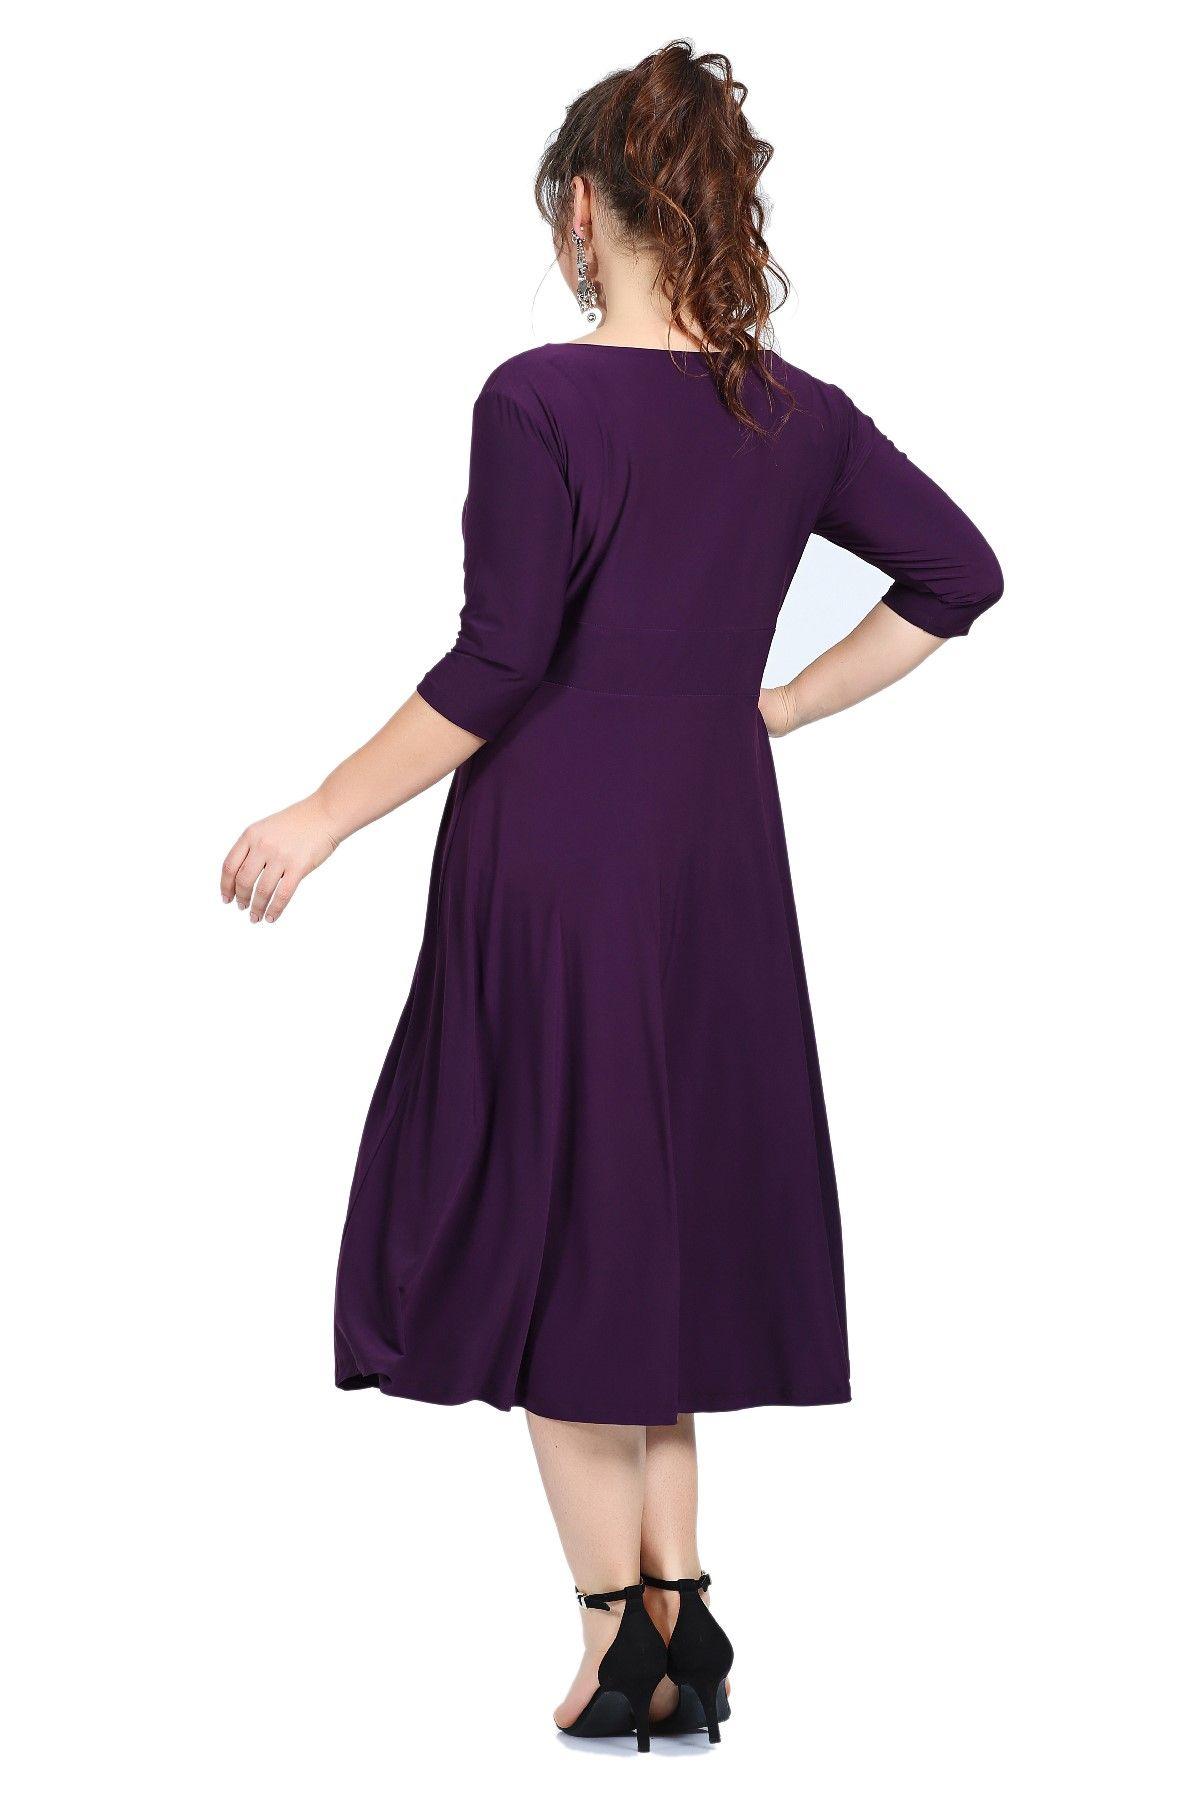 Evening Dress-Violet